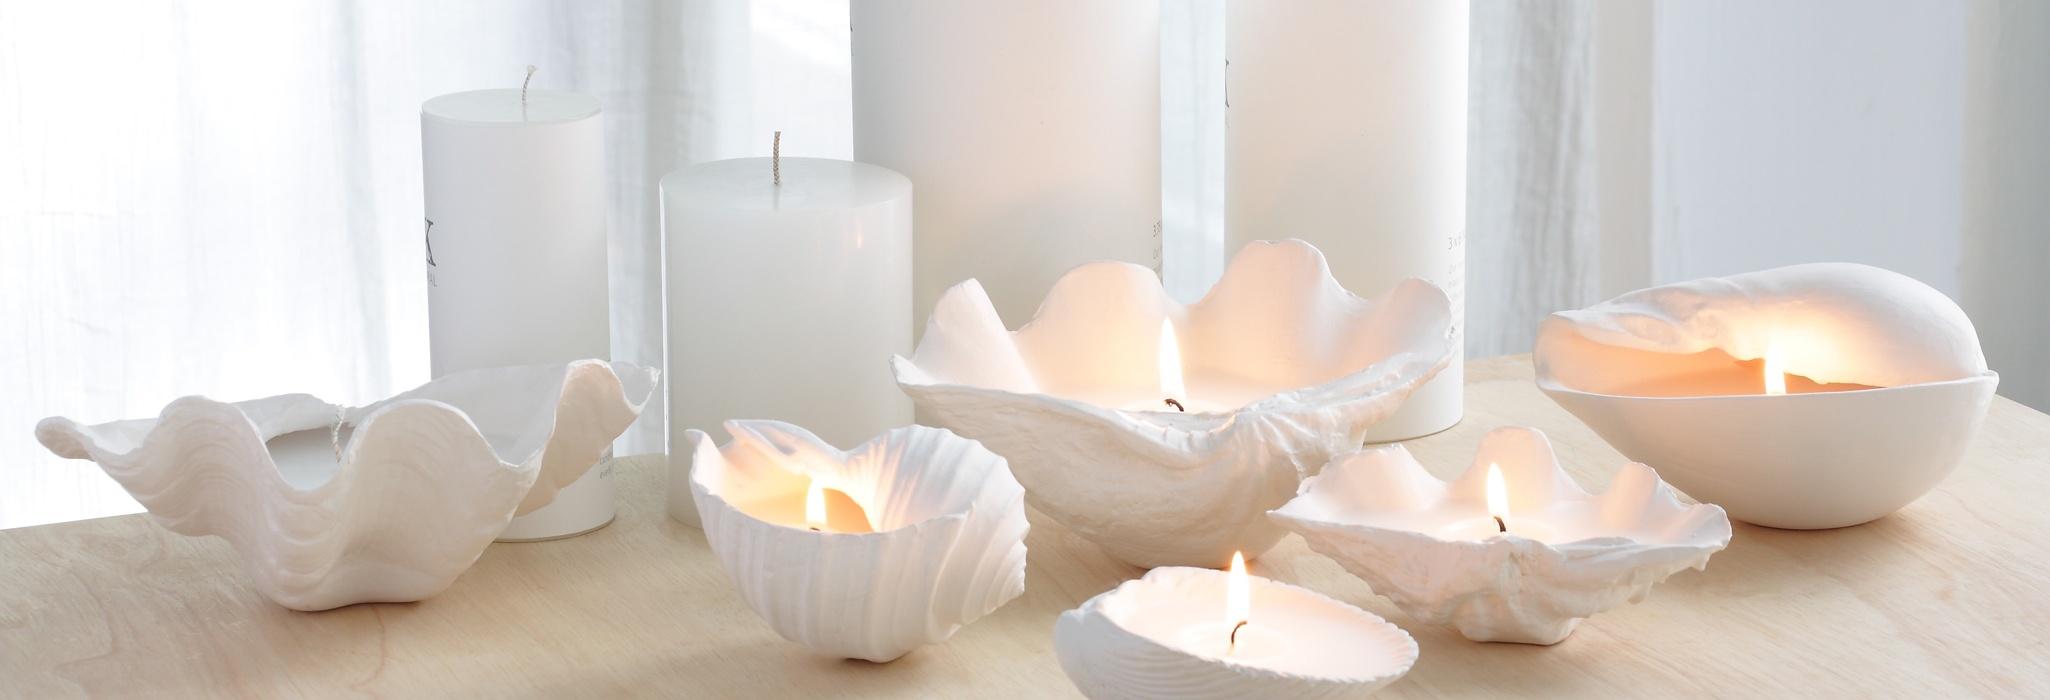 شمع استوانه قطر ١٠ * ٥